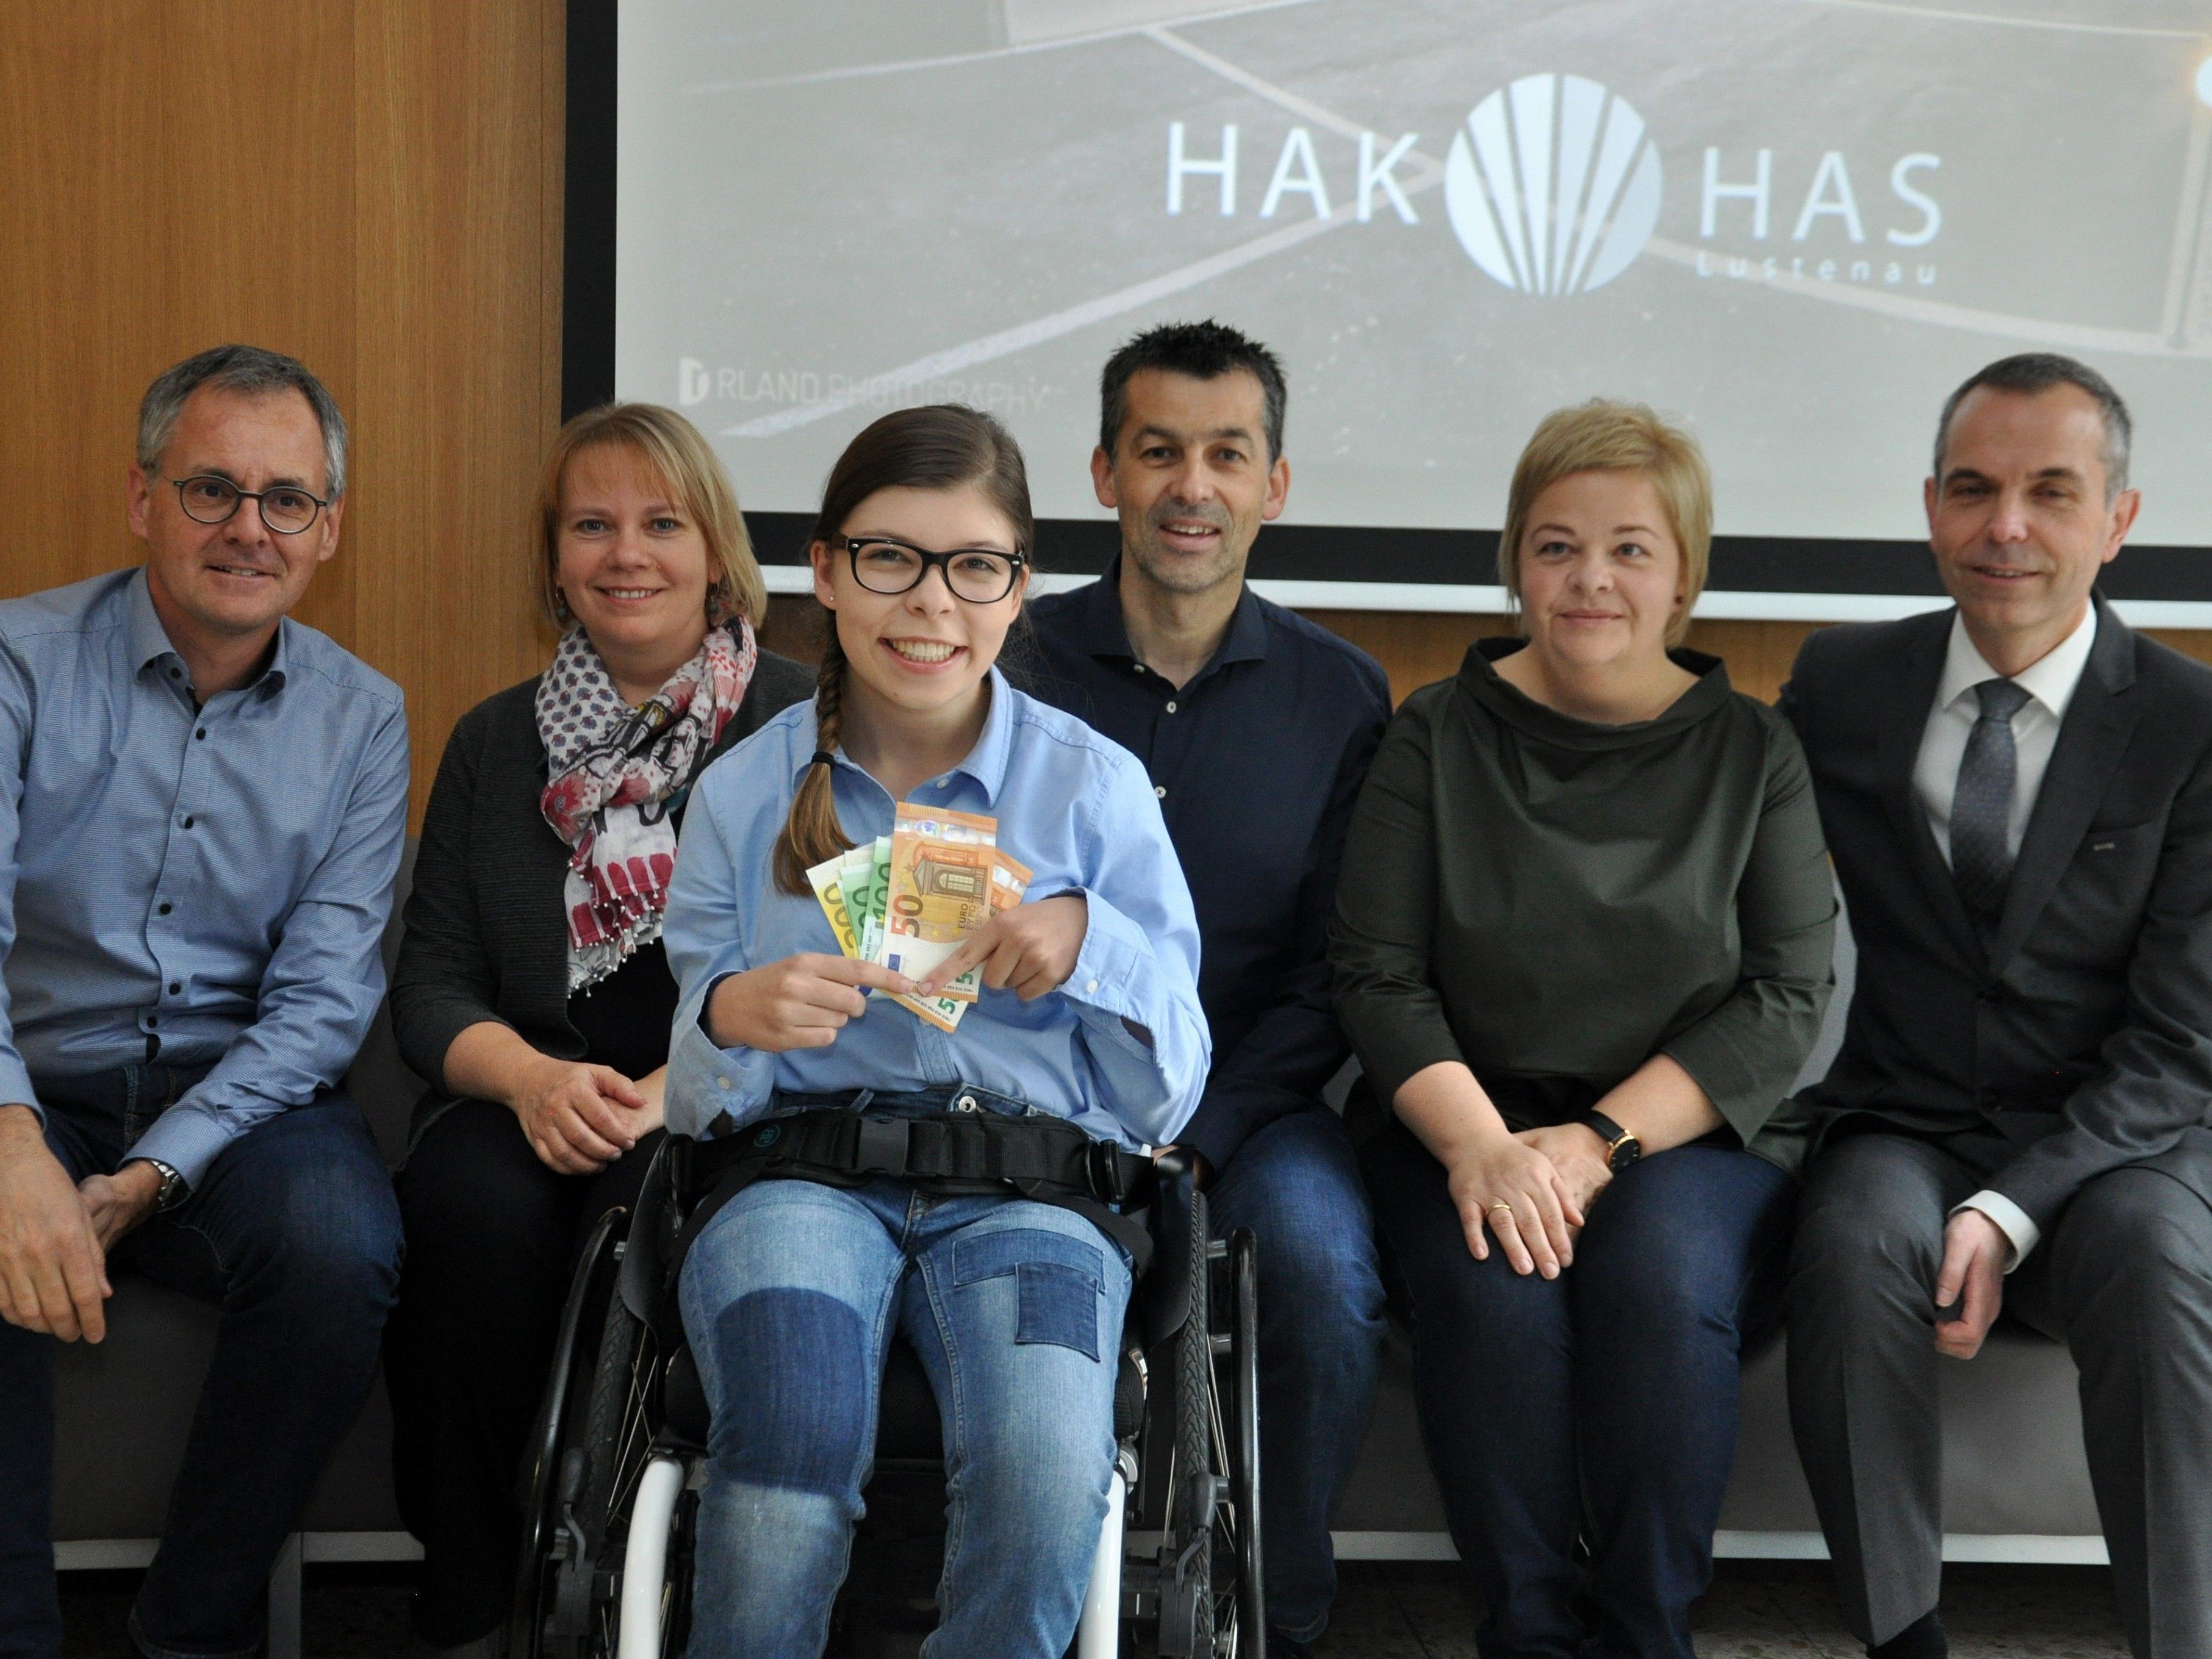 Pia Pichler bekam eine Förderung in Höhe von 1000 Euro für ausgezeichnete schulische Leistungen.